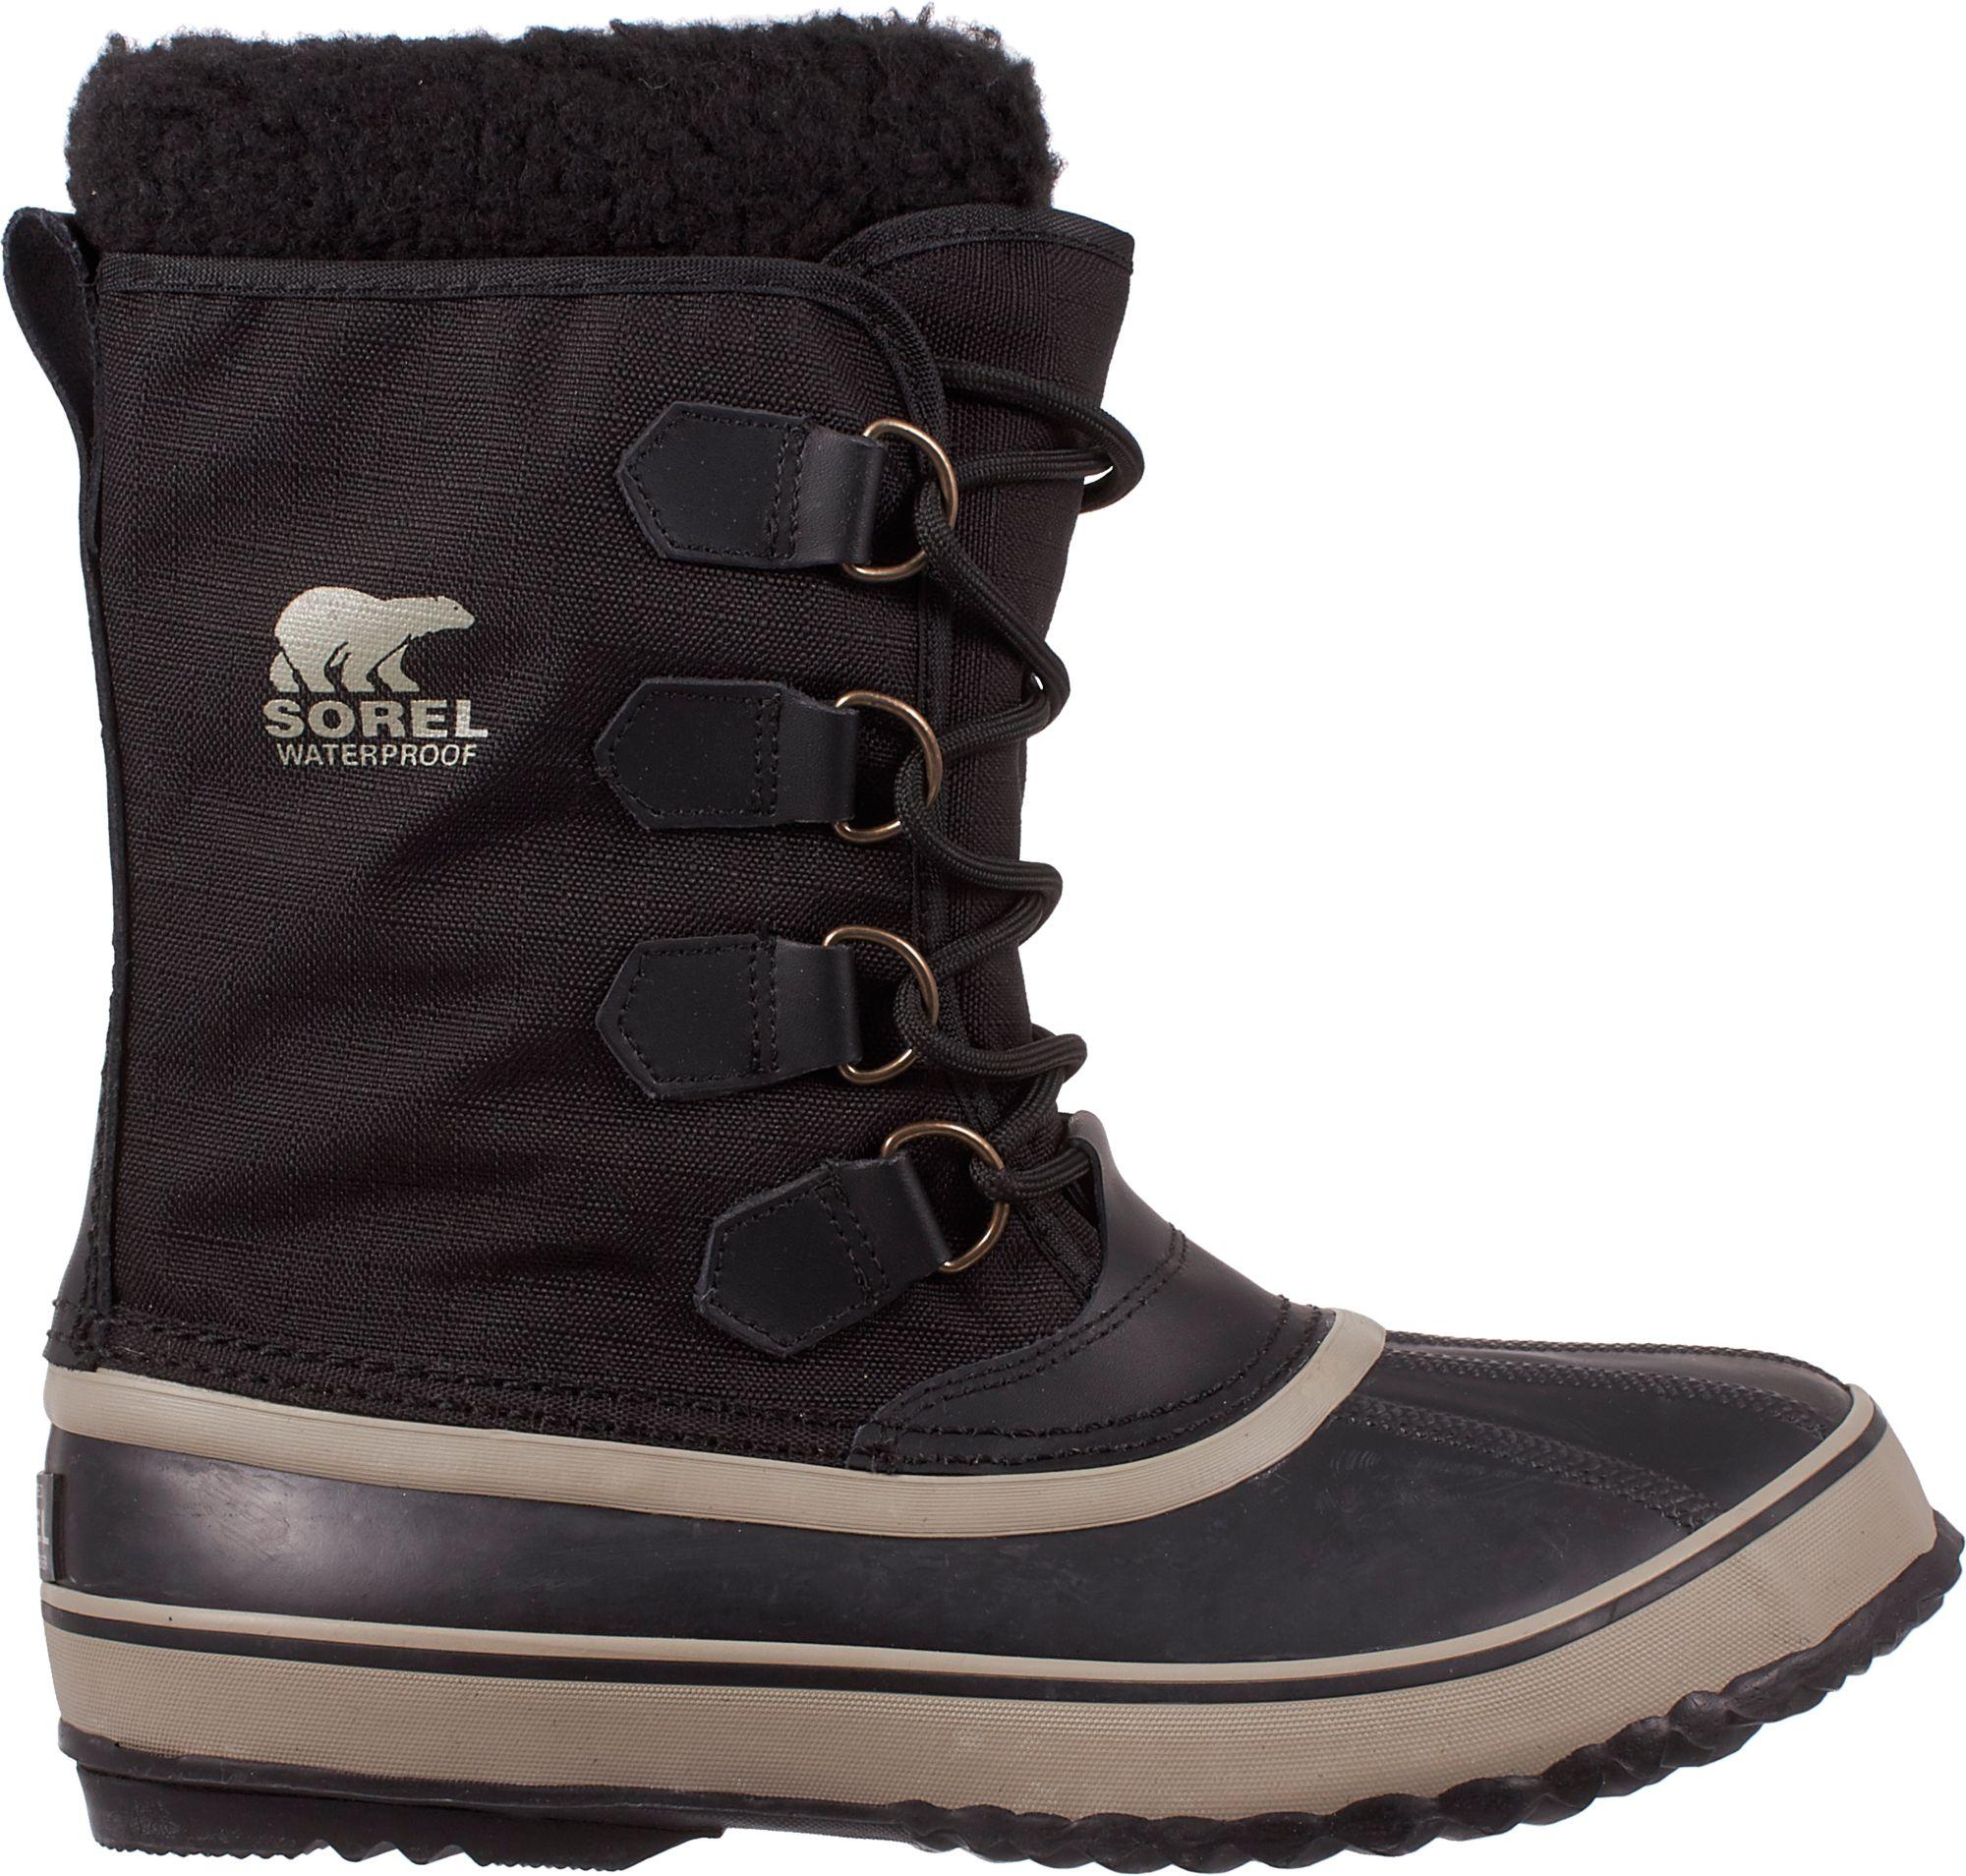 Men's SOREL Winter Boots | DICK'S Sporting Goods